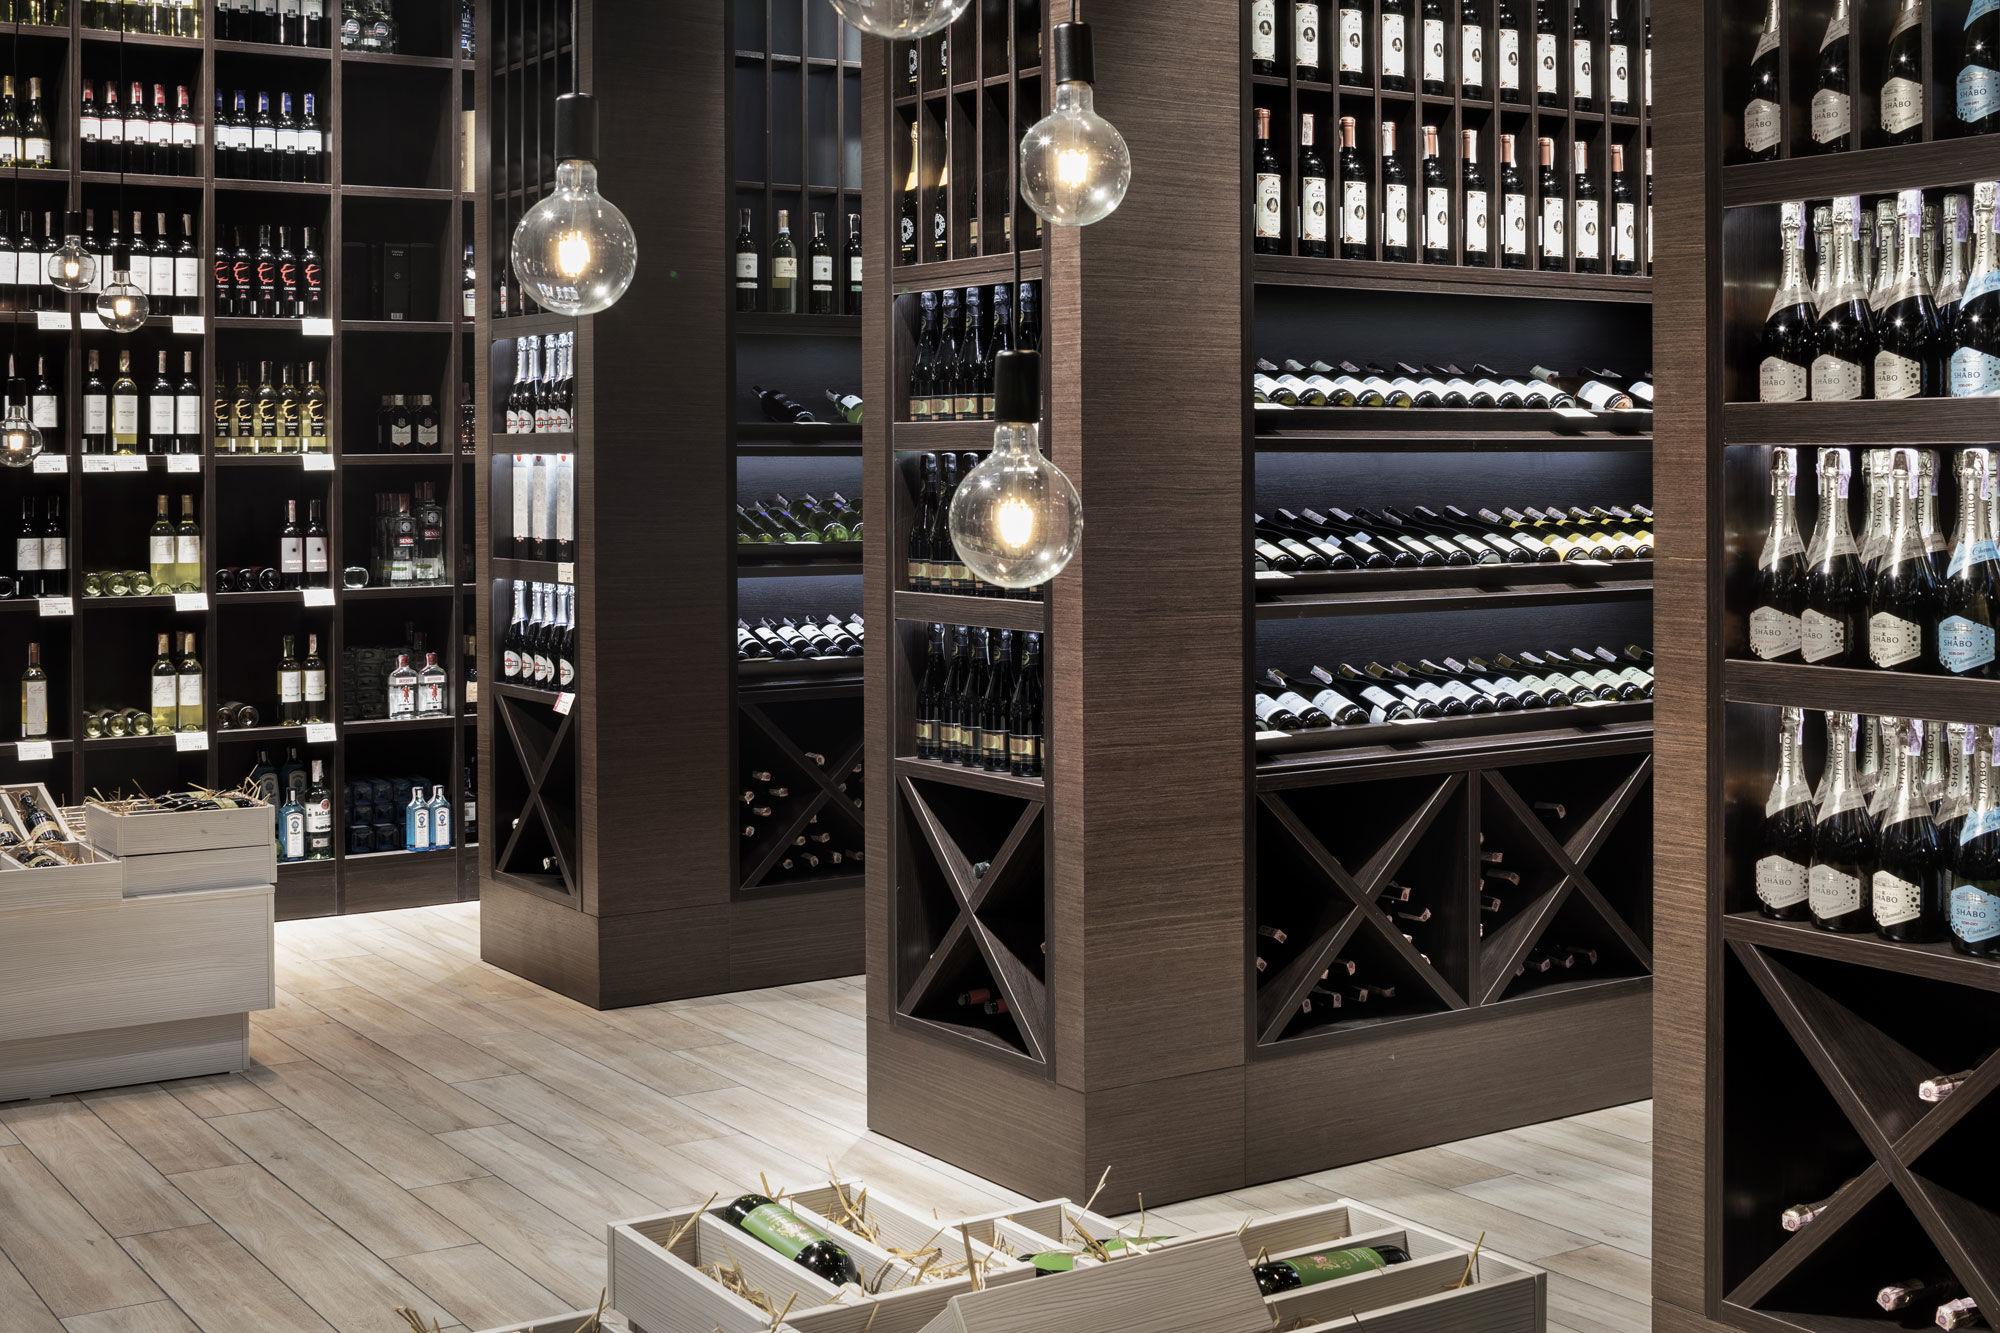 молятся дизайн винного магазина фото вашу жизнь лезу